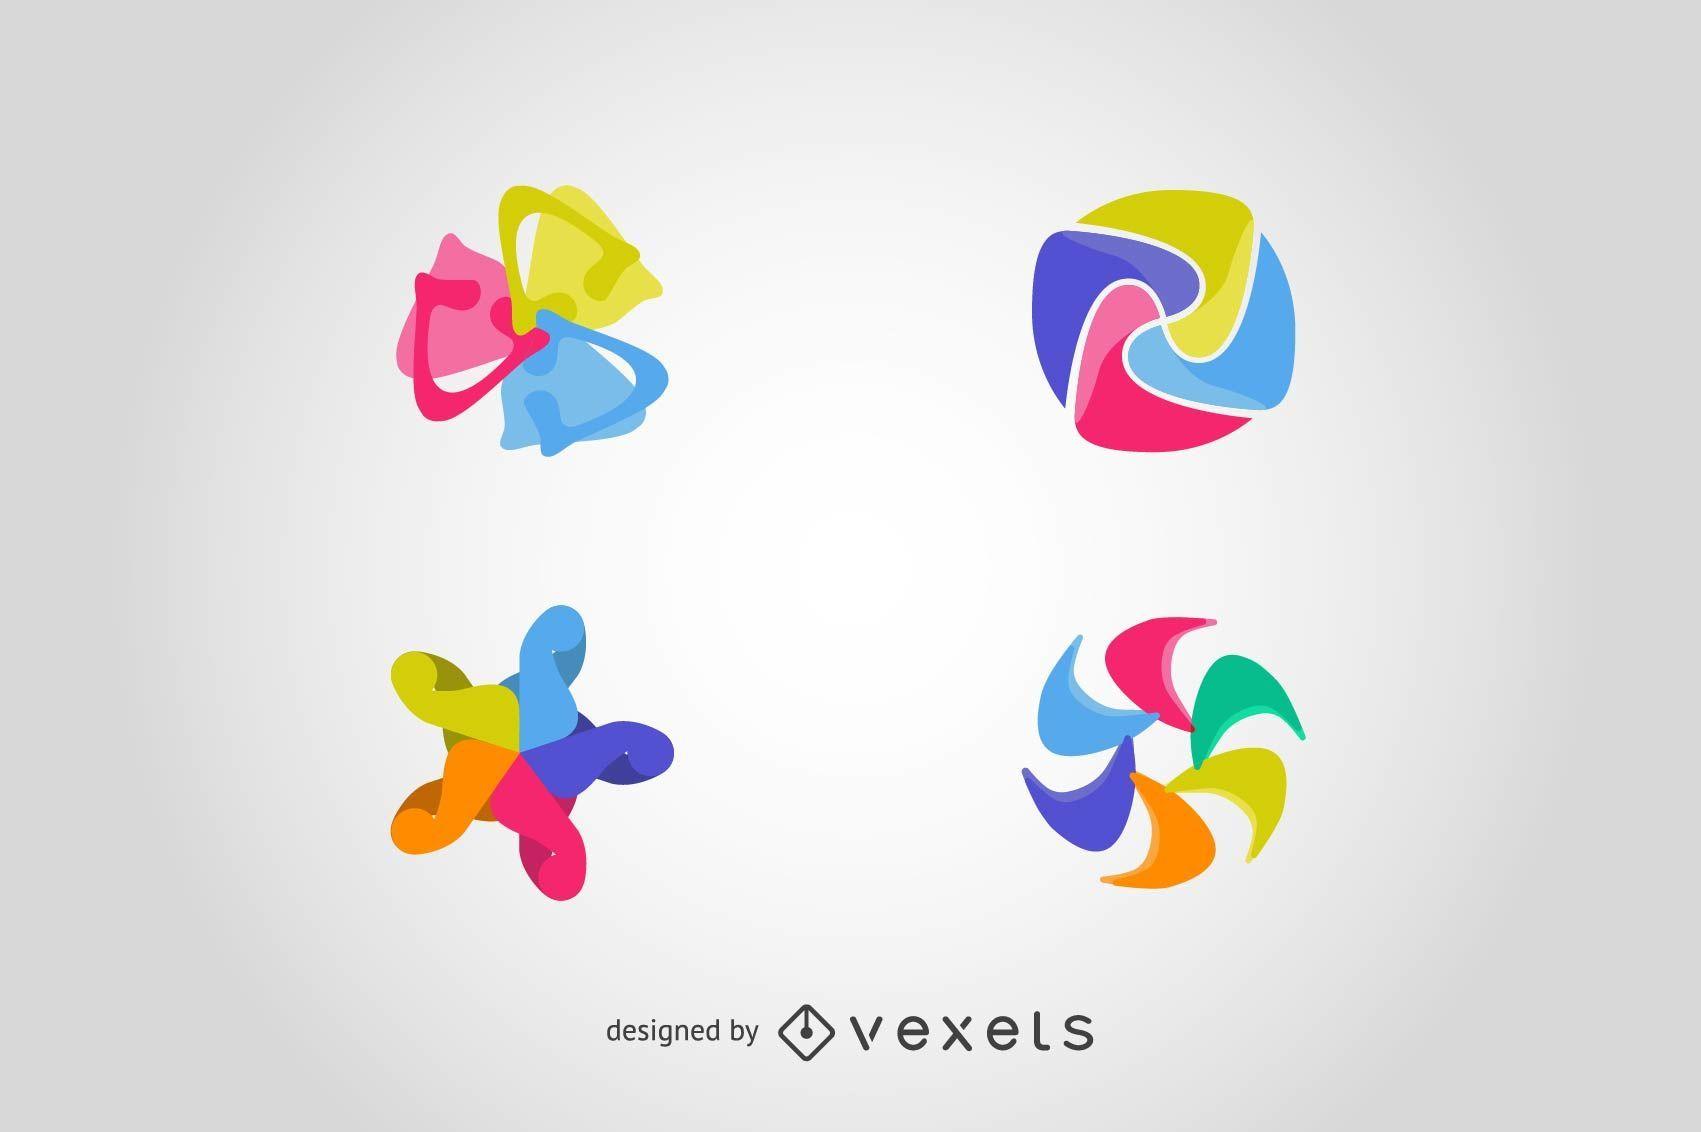 Definir os elementos do logotipo em formas abstratas